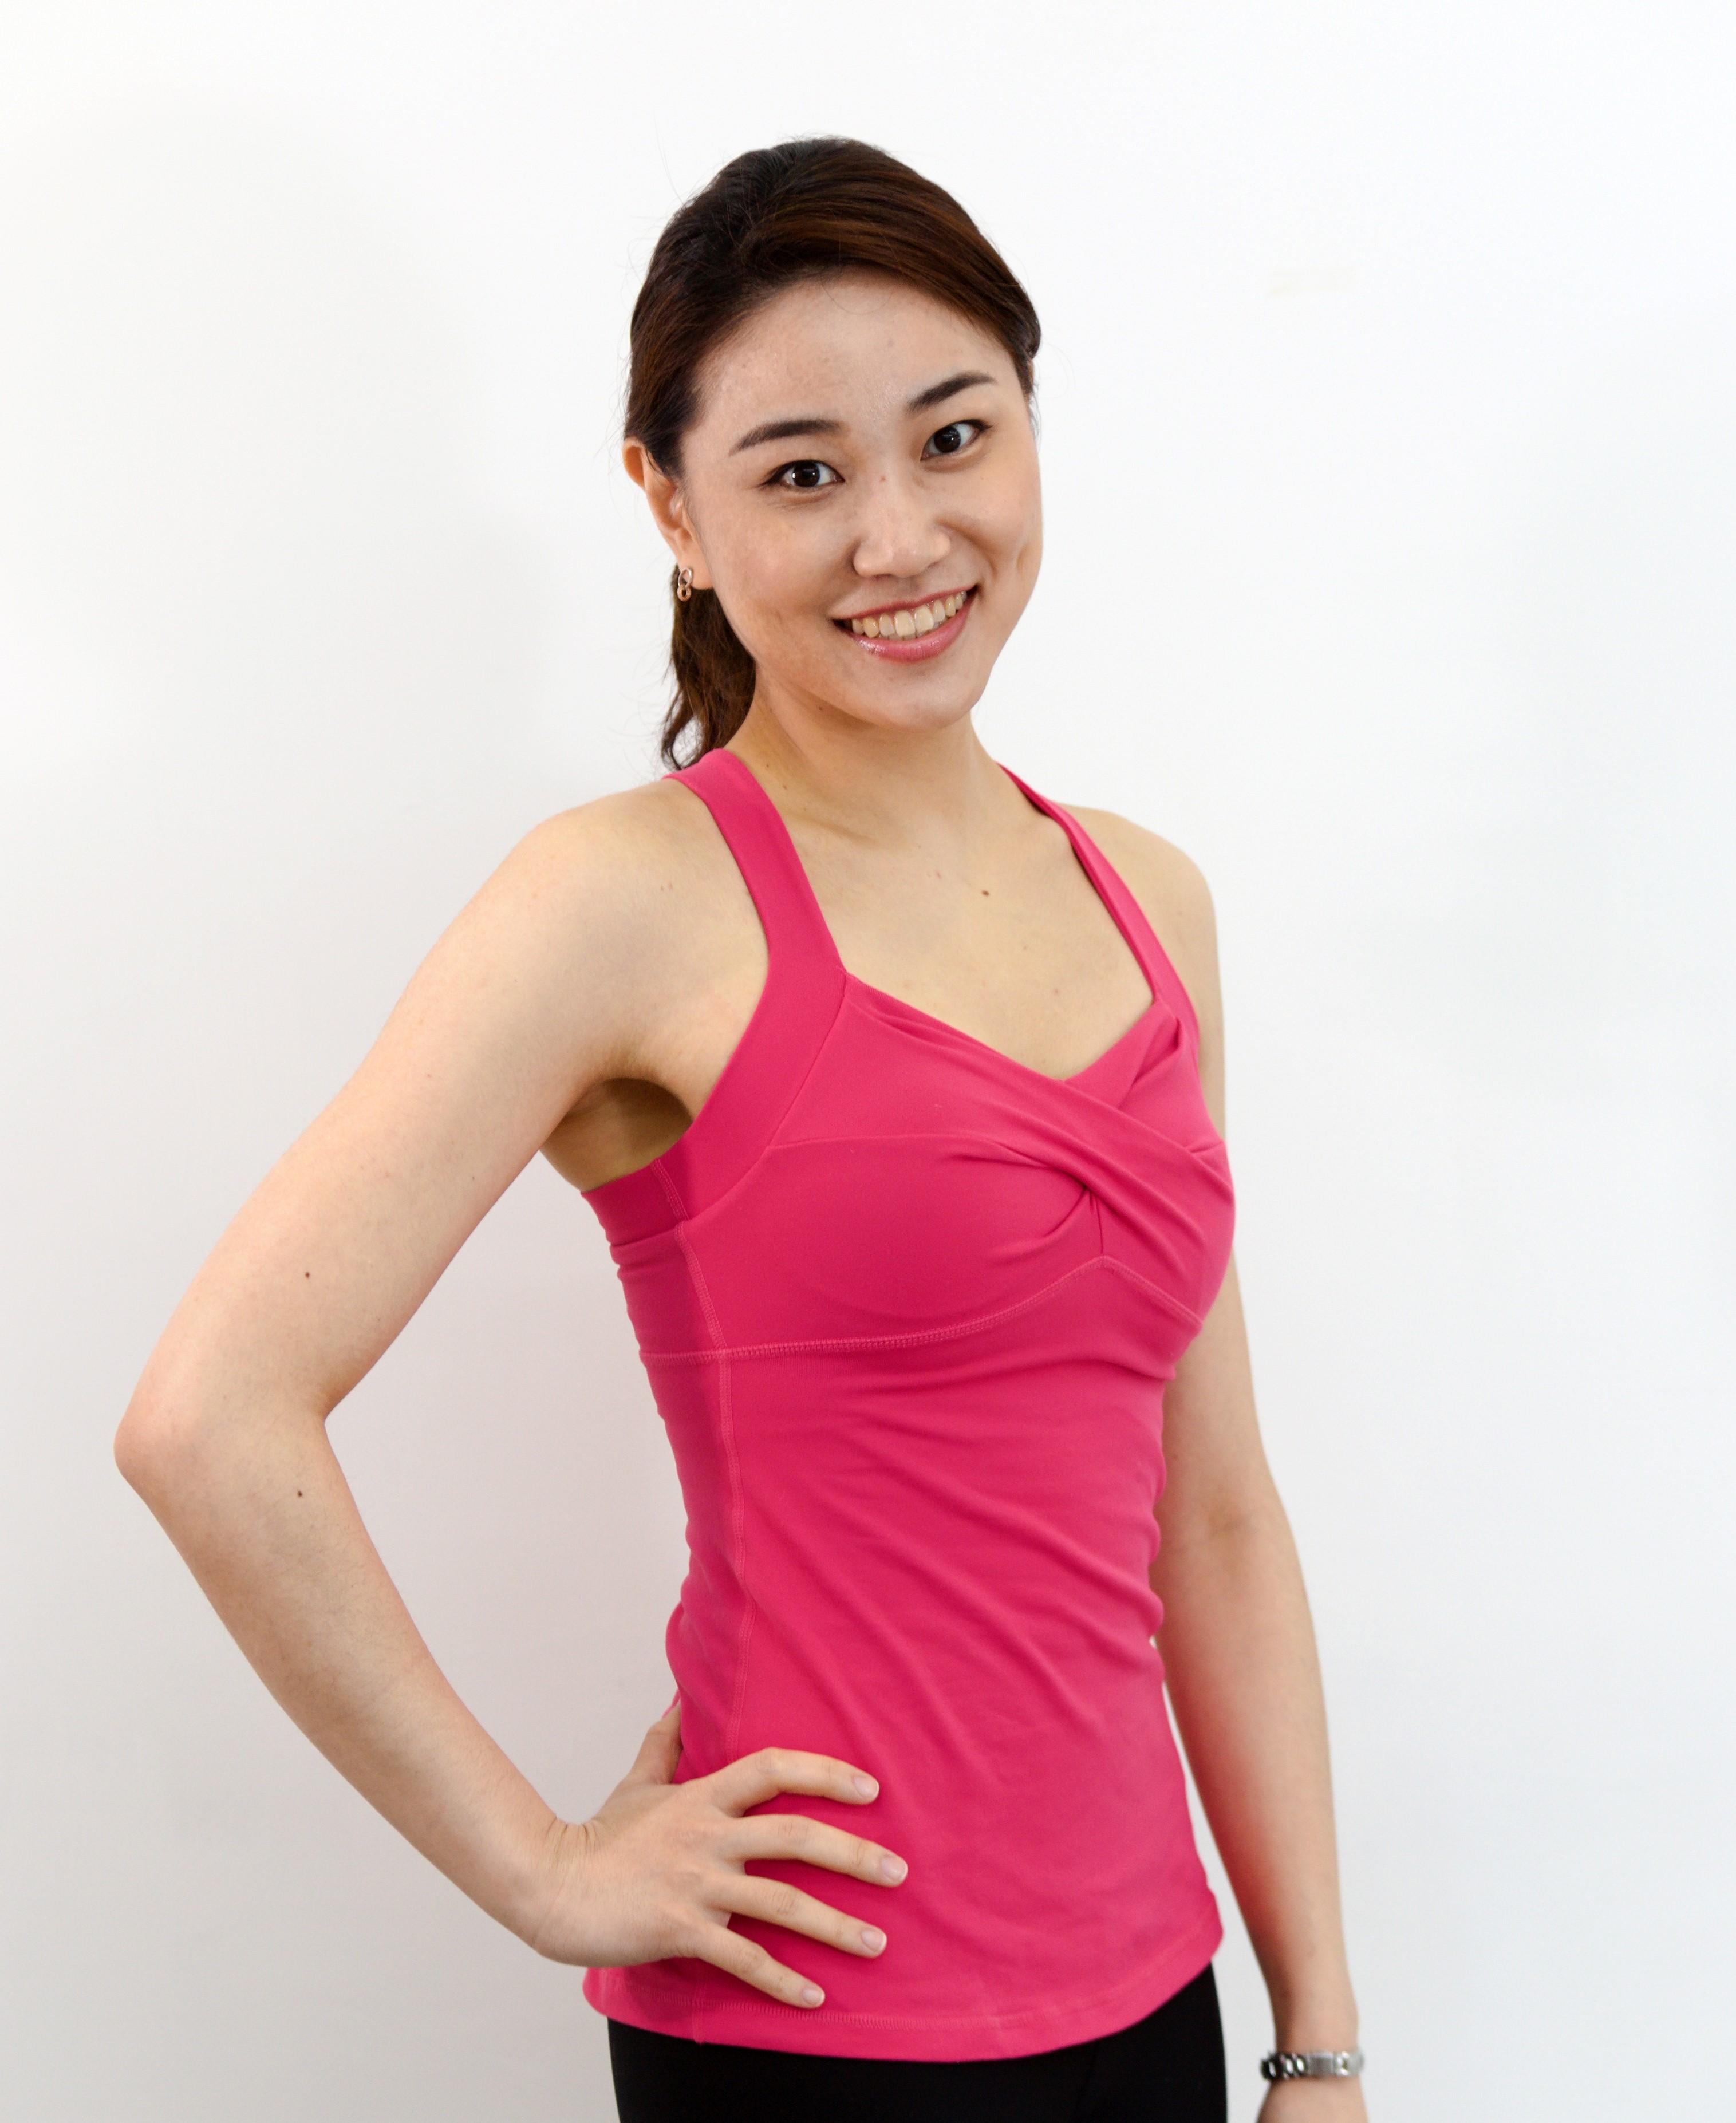 湯士萱、科學化舞蹈訓練、舞蹈運動傷害預防、舞蹈治療、物理治療、芭蕾、運動表現